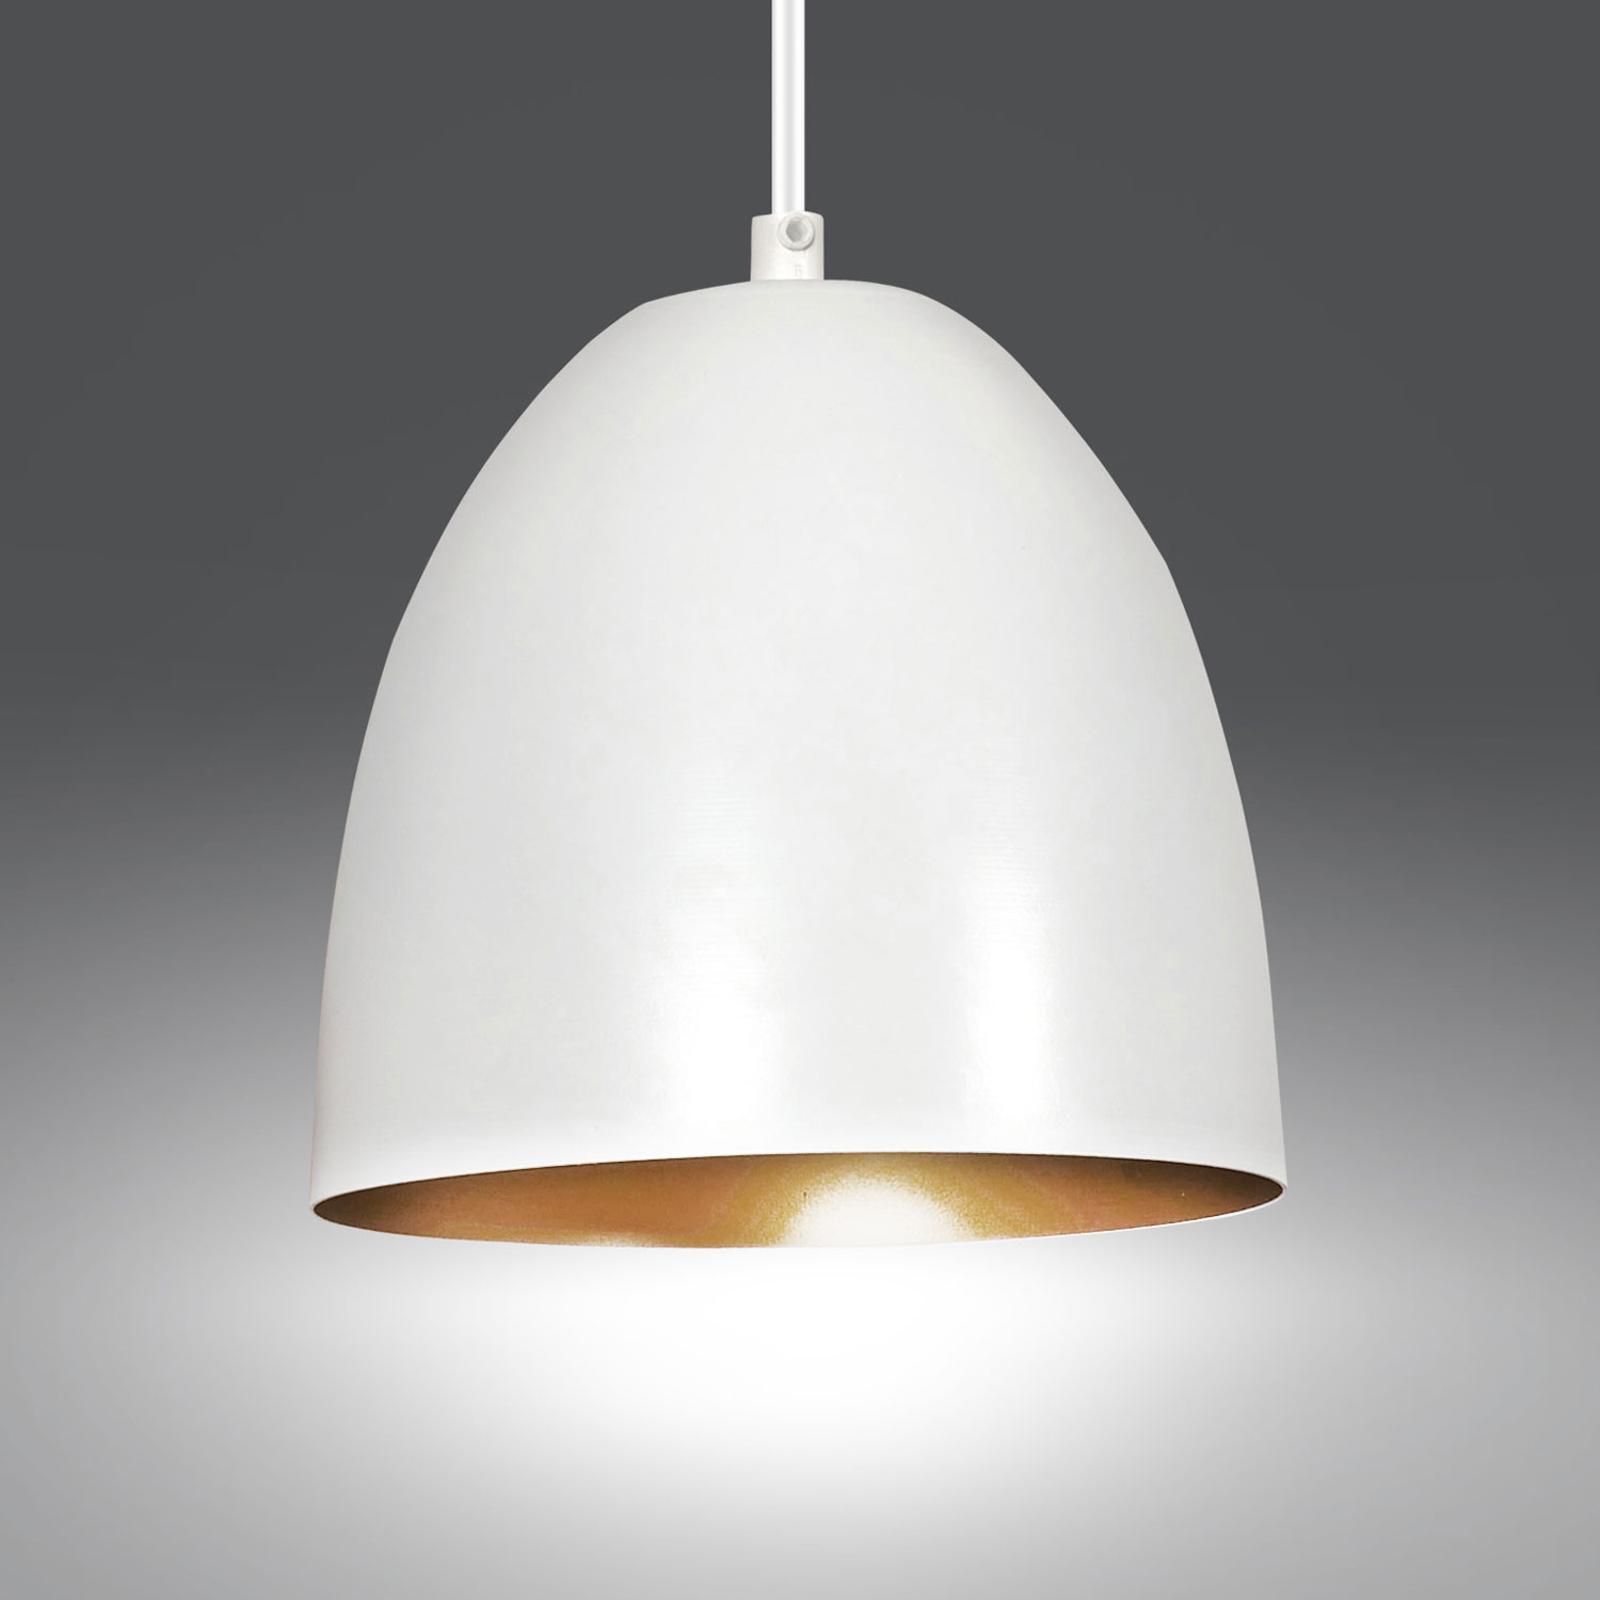 Hengelampe Lenox i stål, 1 lyskilde, hvit/gull